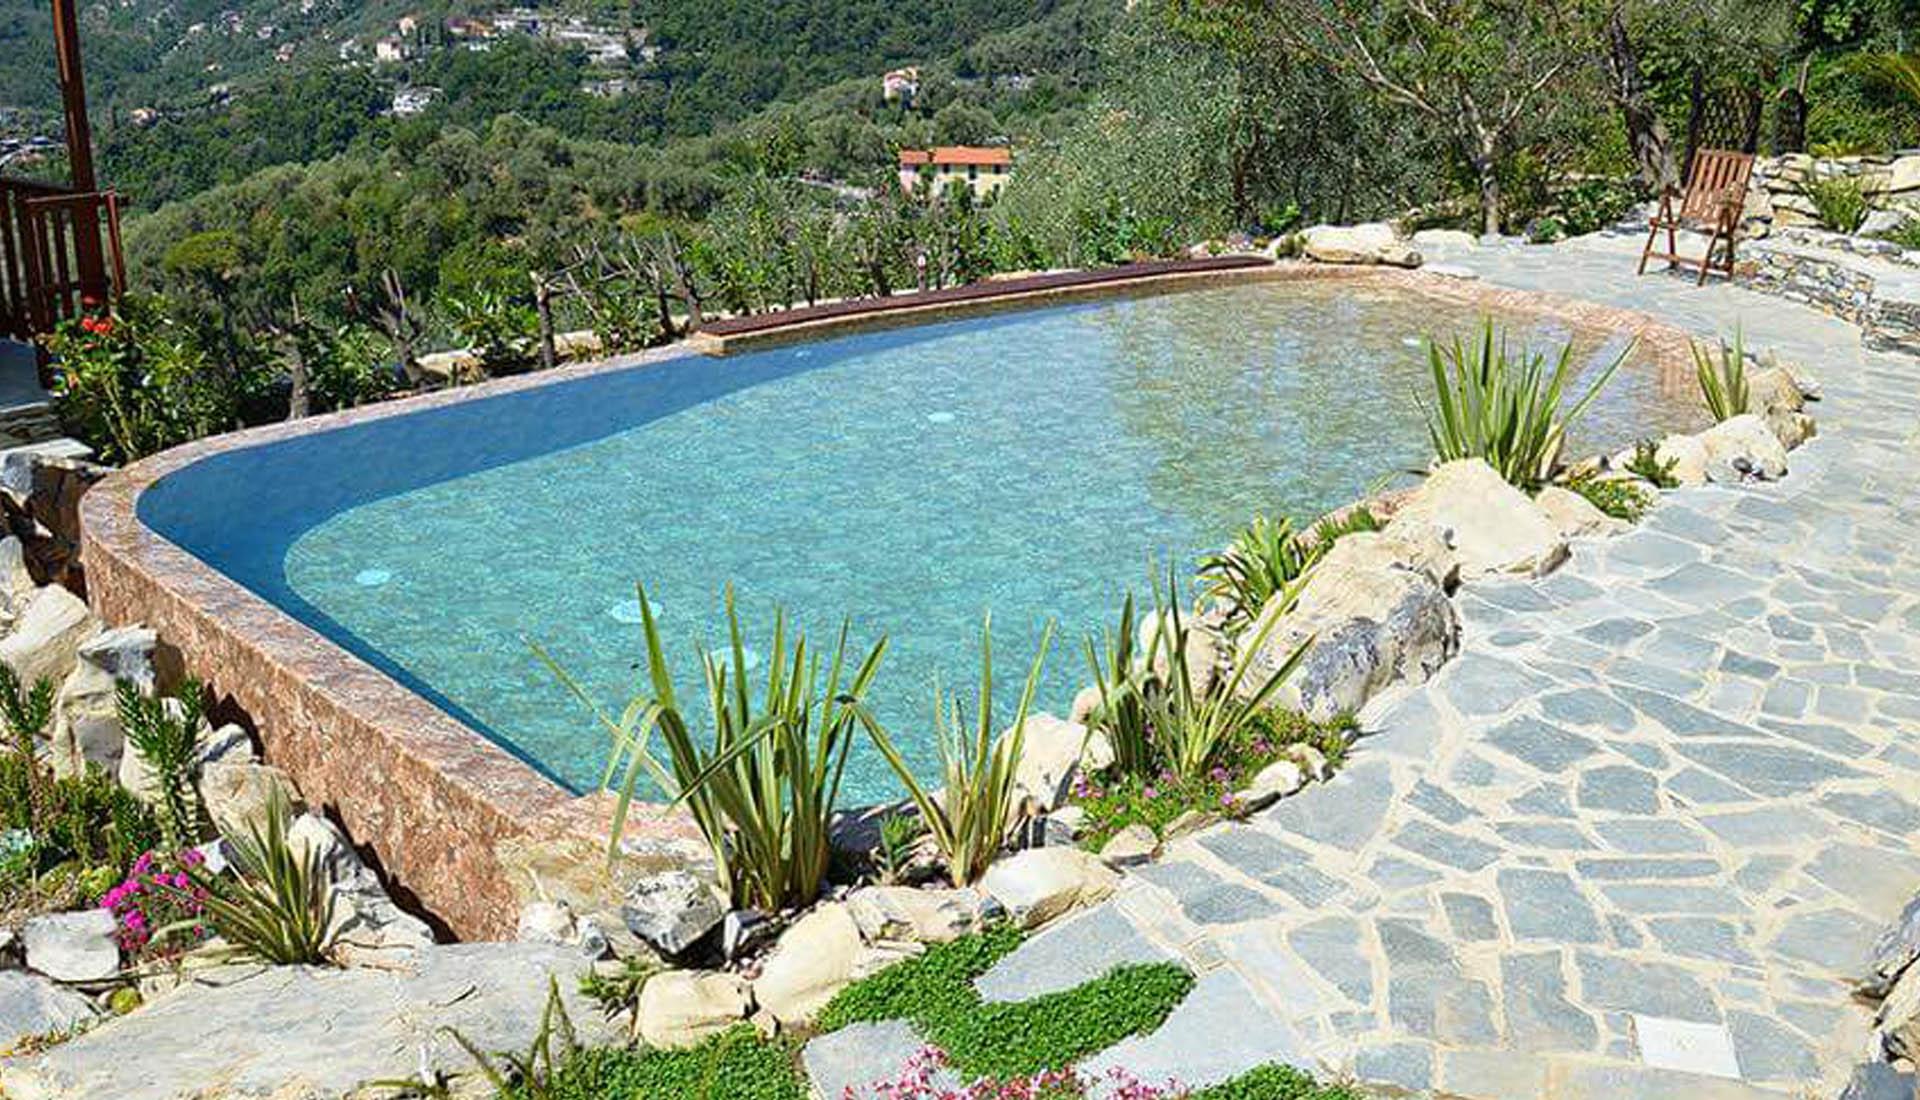 Piscina Su Terreno In Pendenza piscine interrate private   picasso genova   materie